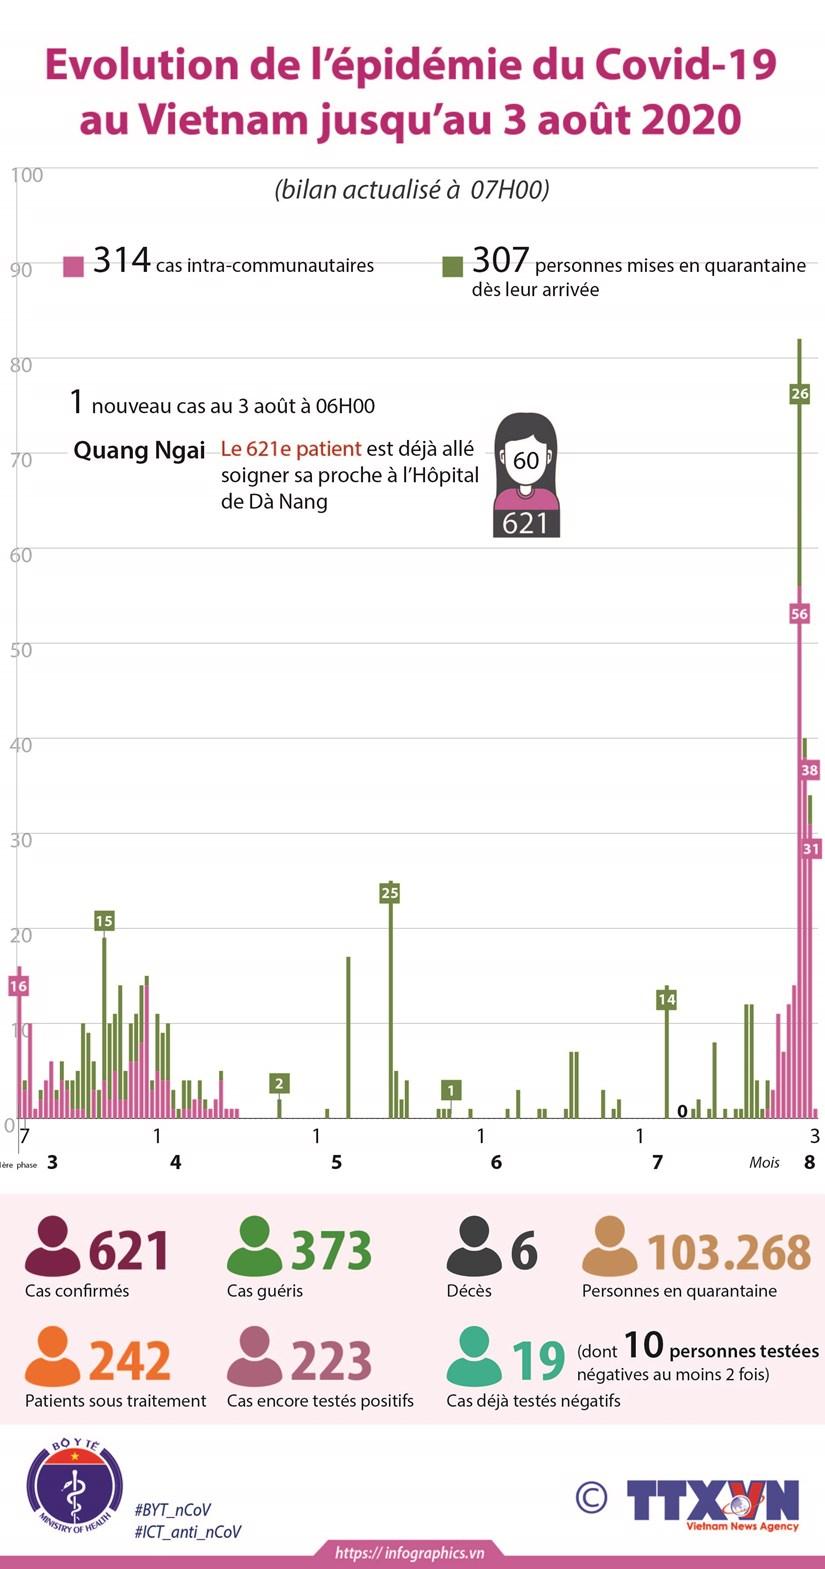 Evolution de l'epidemie du Covid-19 au Vietnam jusqu'au 3 aout 2020 hinh anh 1